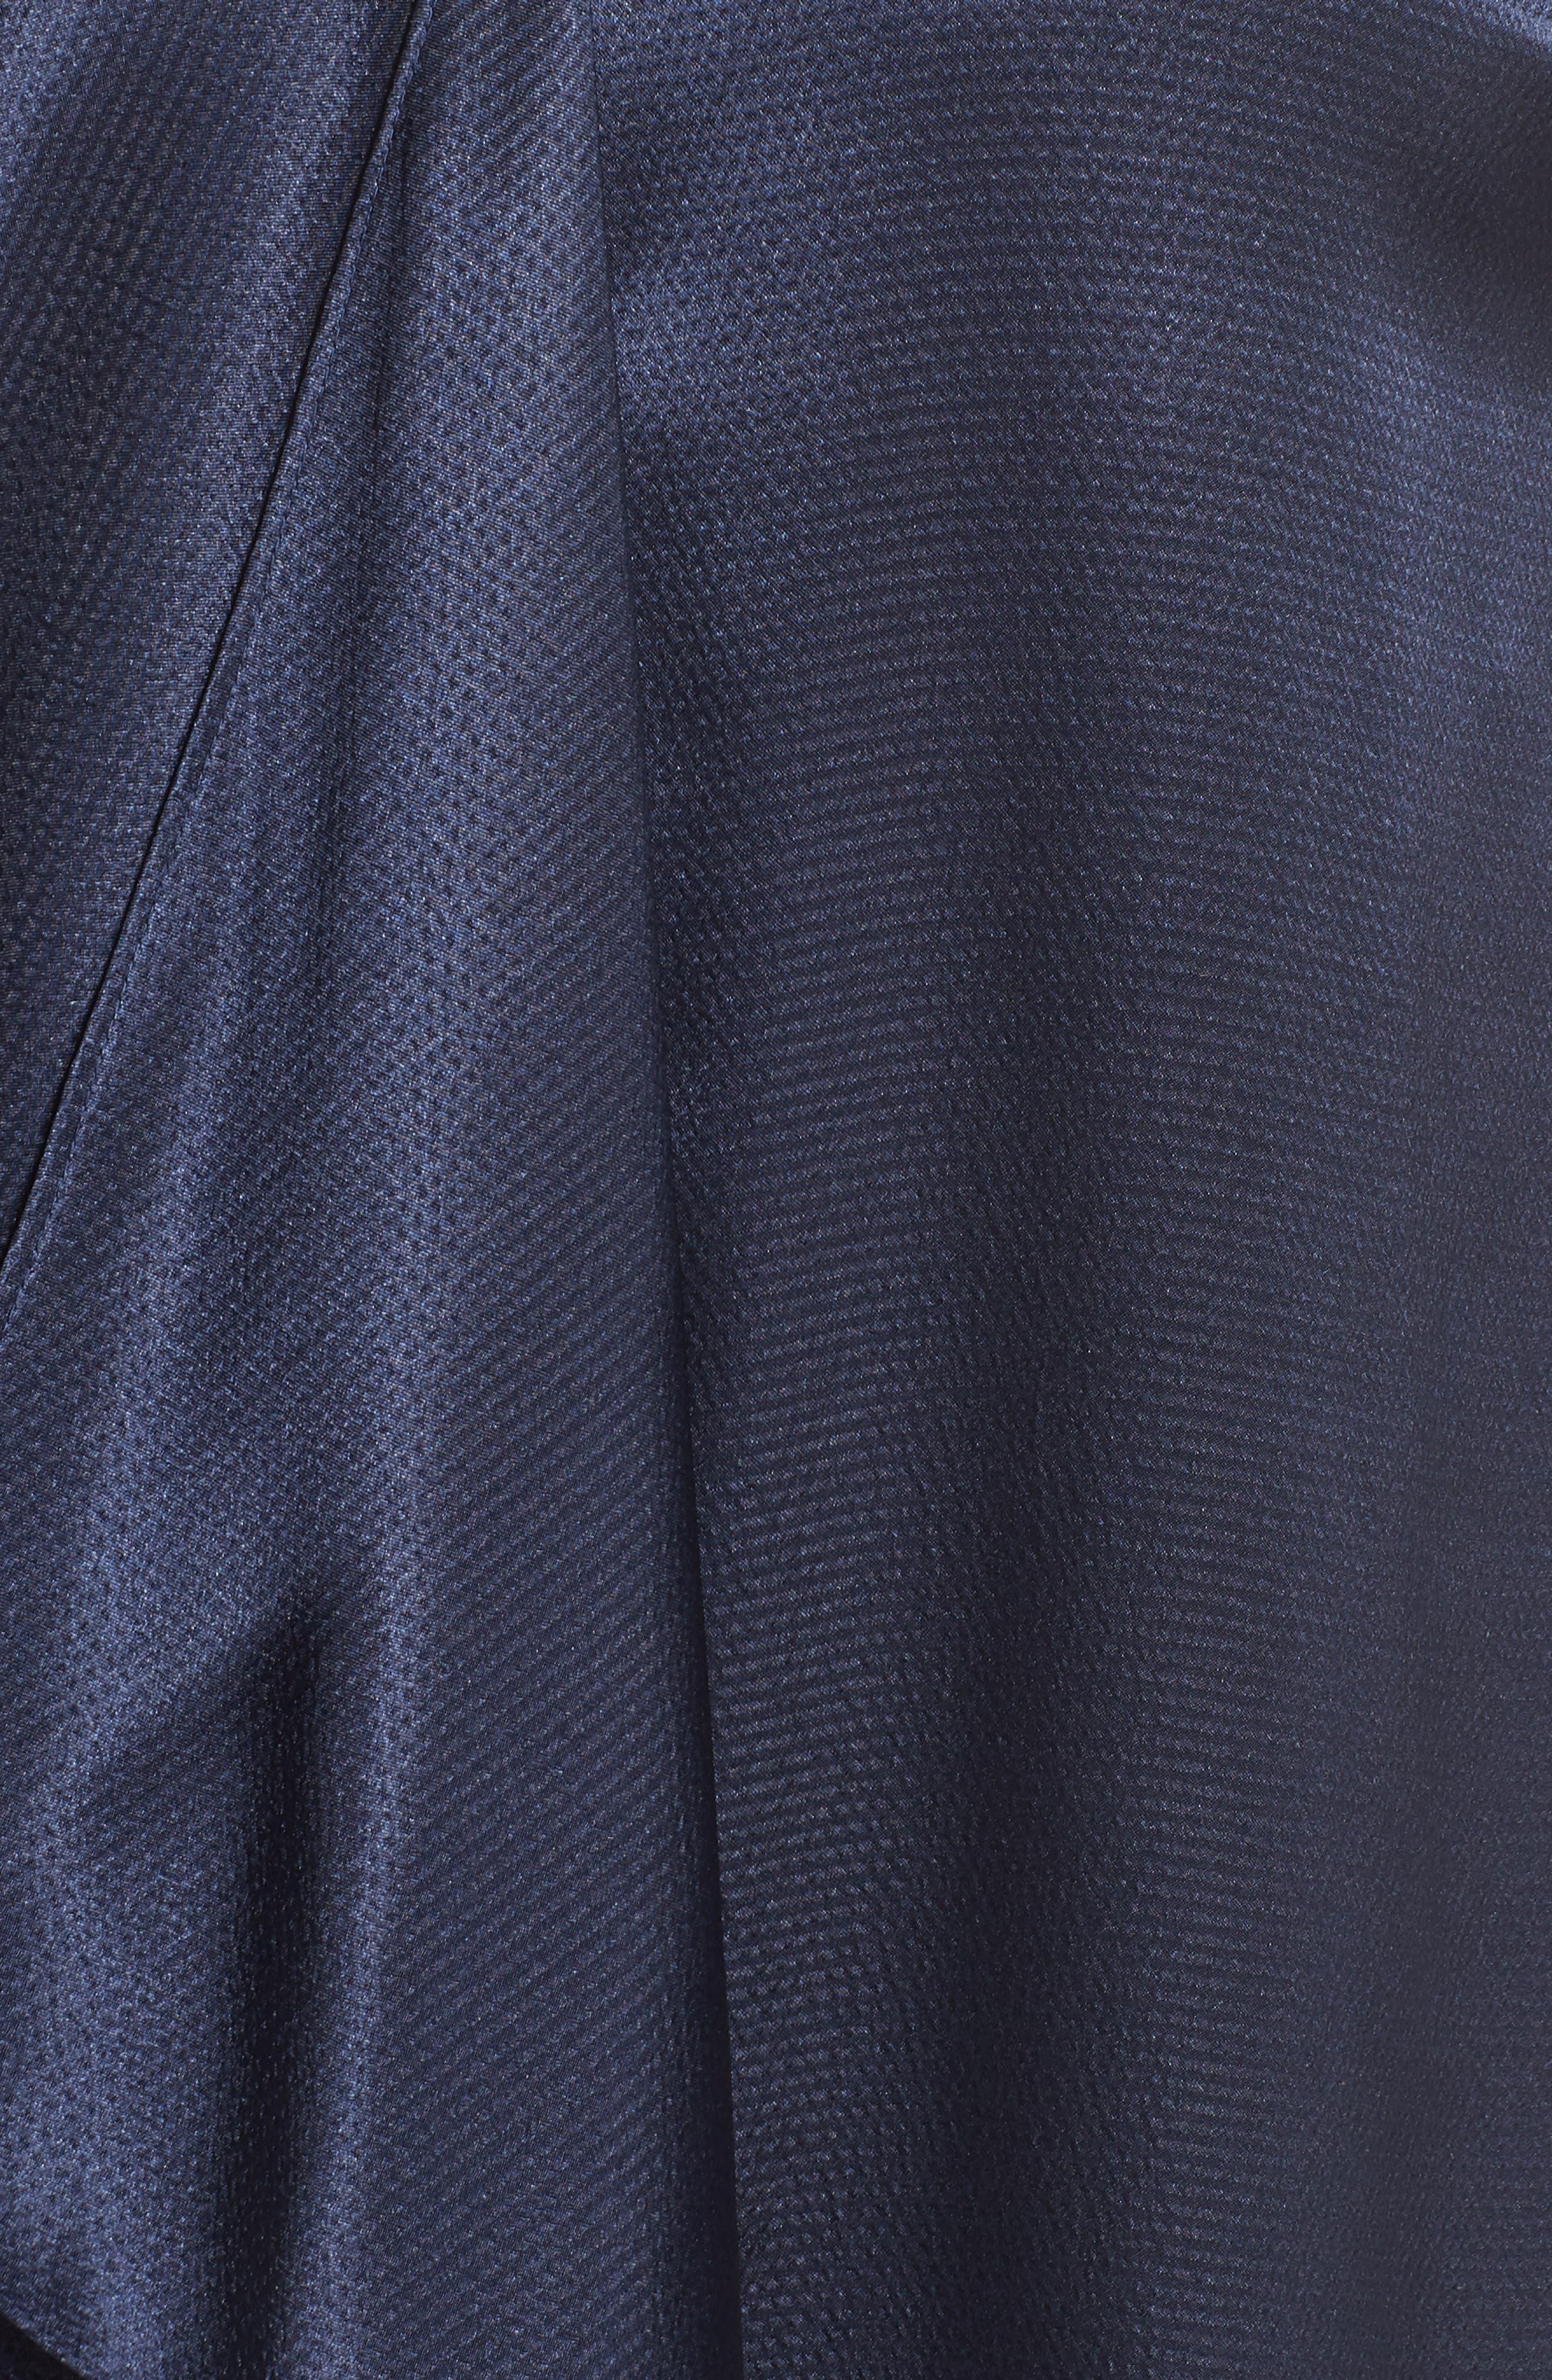 Asymmetrical Trapeze Dress,                             Alternate thumbnail 5, color,